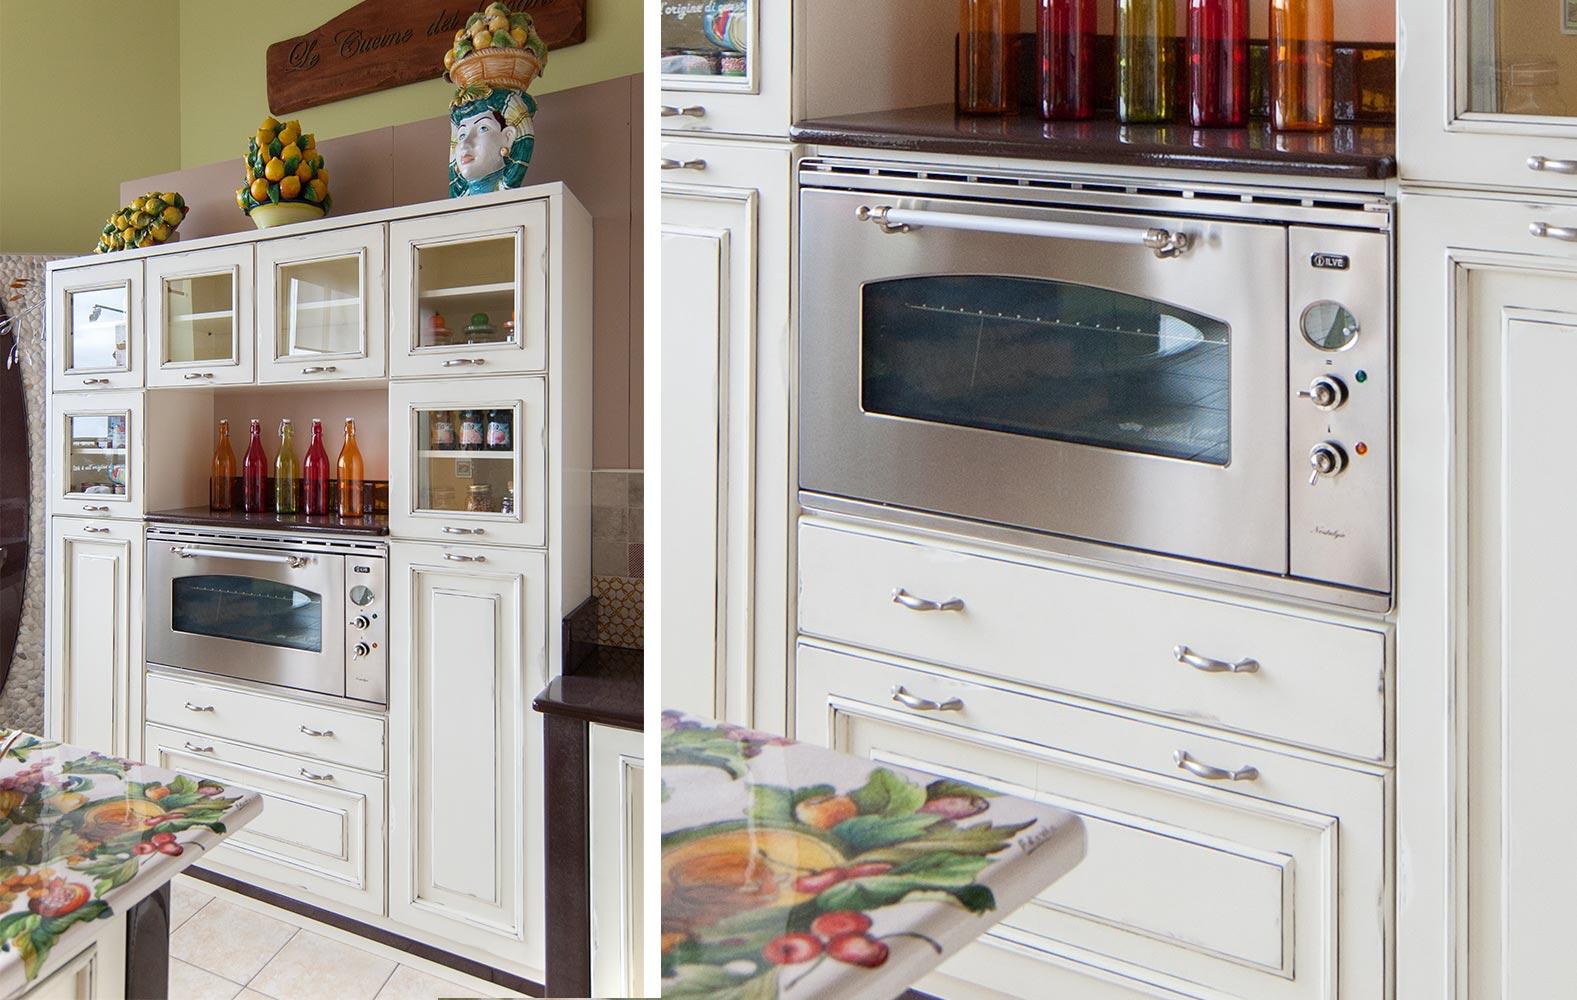 Credenza Con Forno : Cucine vintage: realizziamo la tua cucina su misura